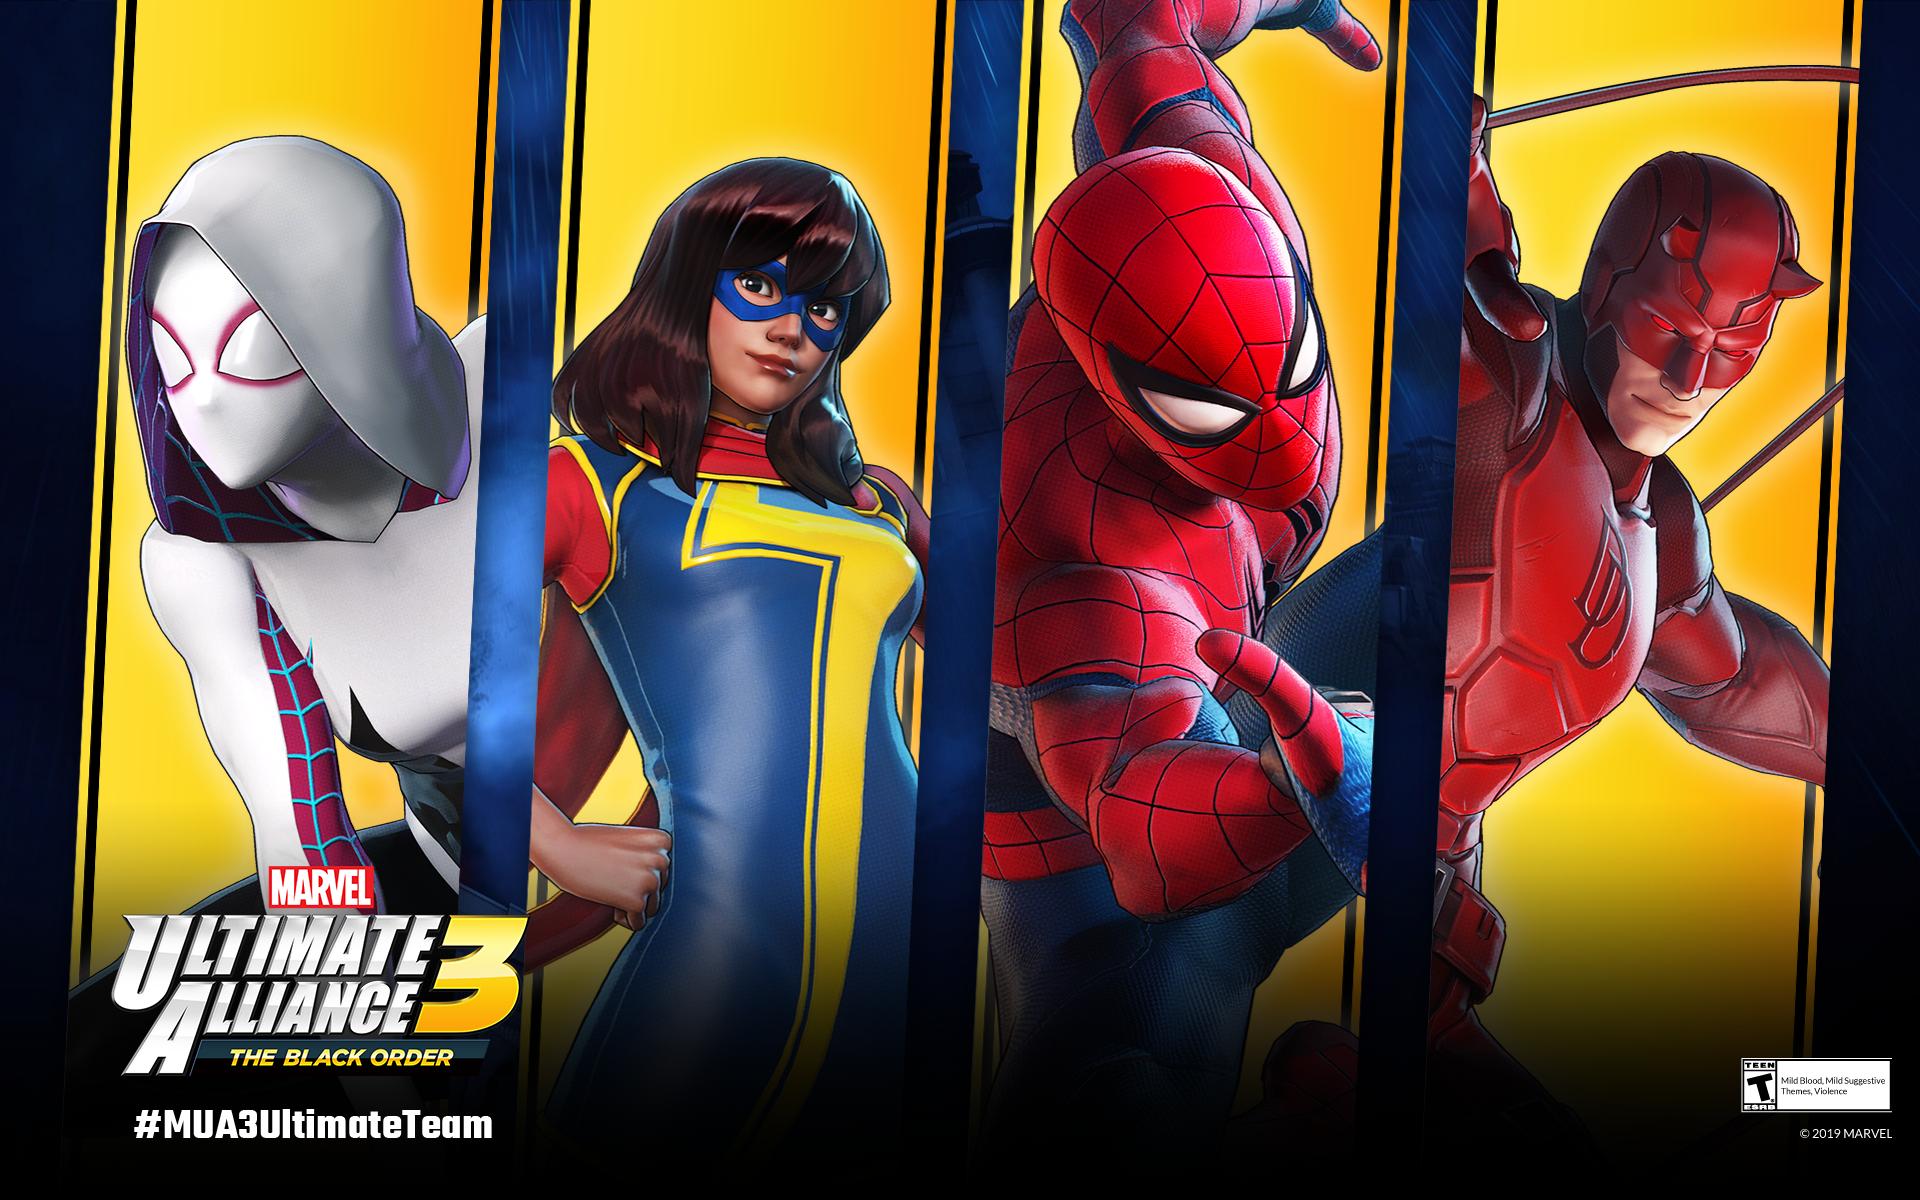 Marvel Ultimate Alliance 3 The Black Order Website Lets You